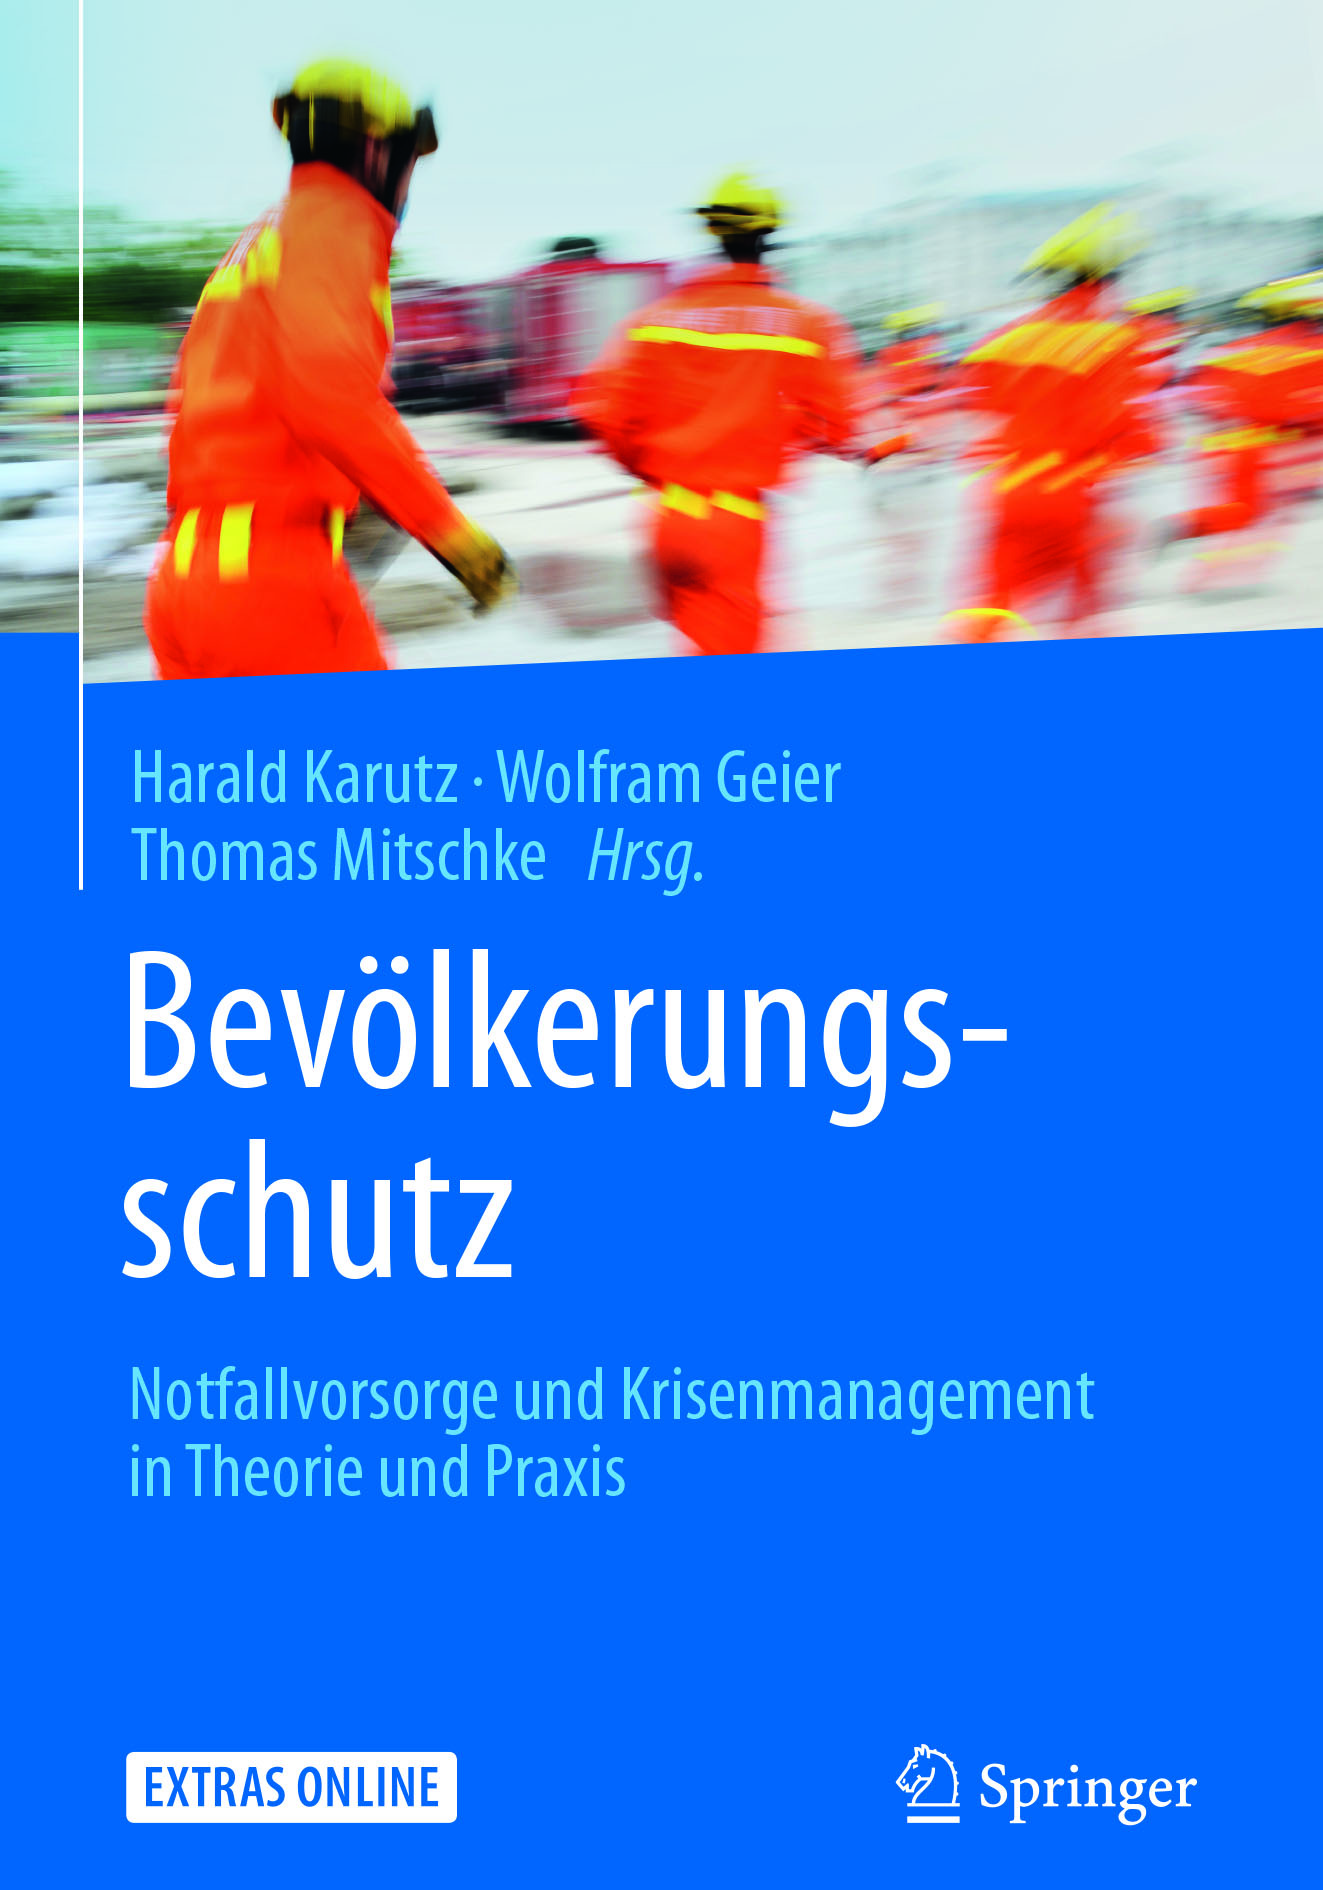 Geier, Wolfram - Bevölkerungsschutz, ebook